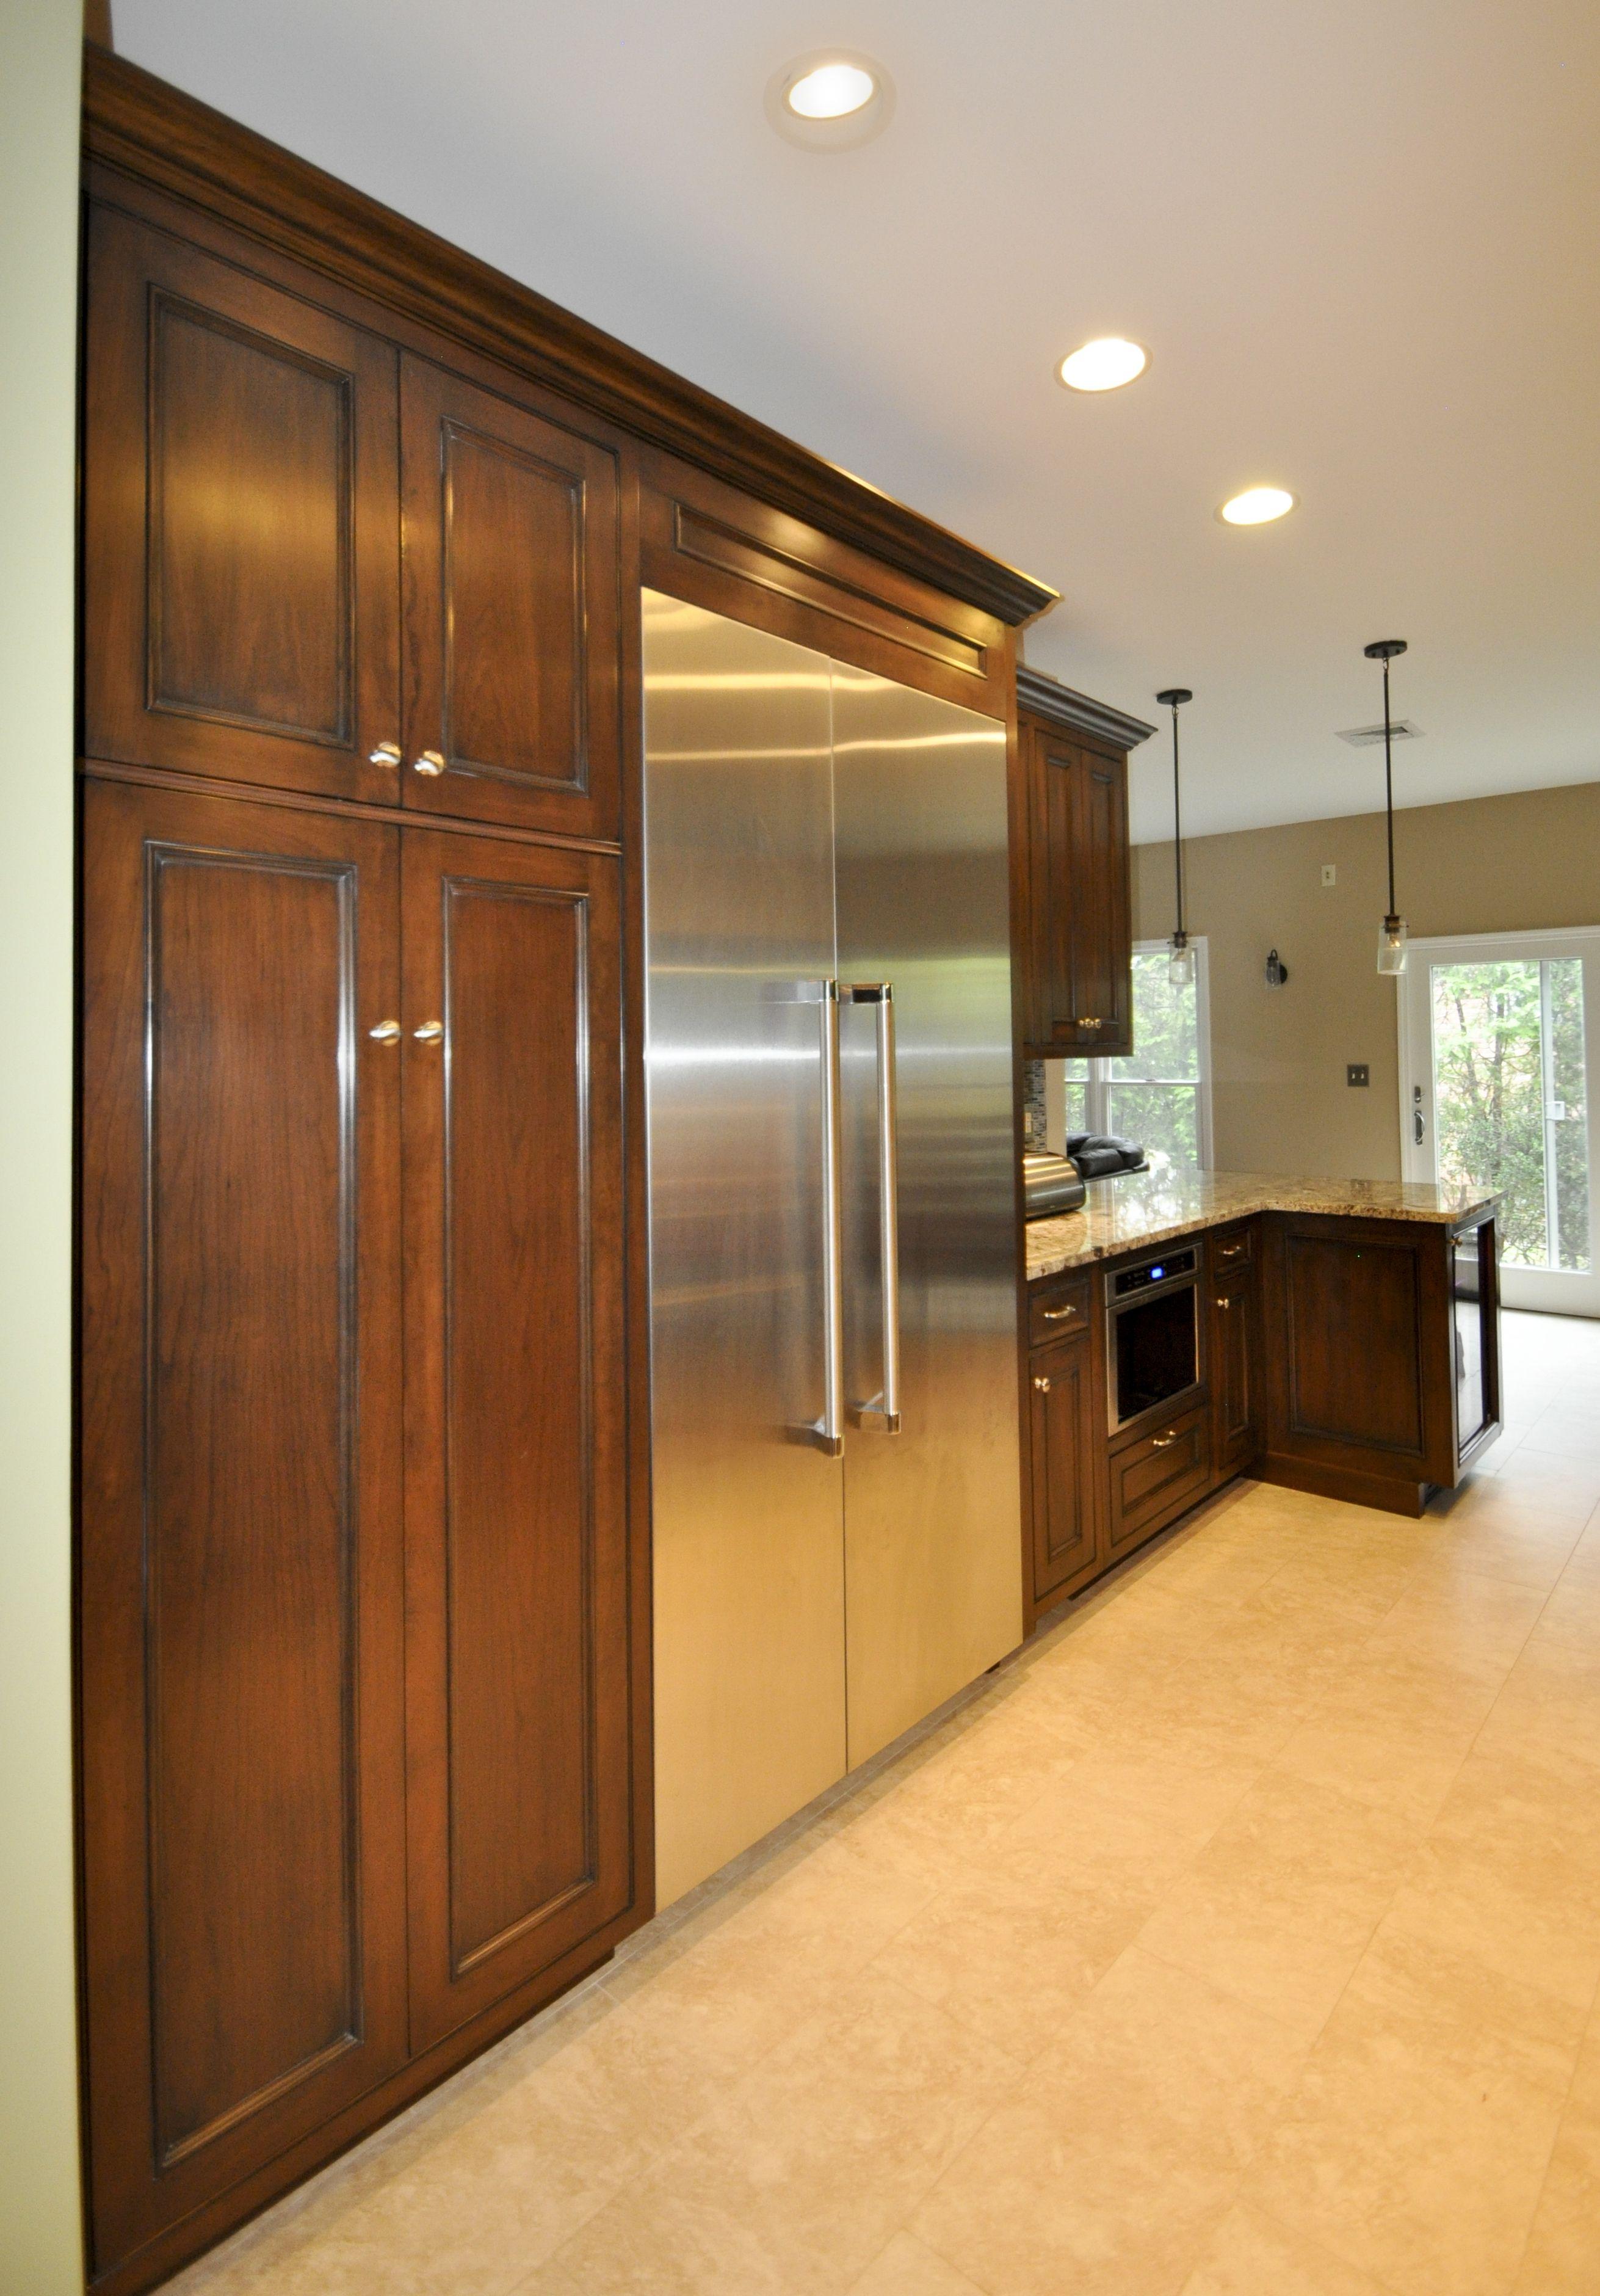 Kitchens Luxury Kitchen Design Kitchen Construction Remodel